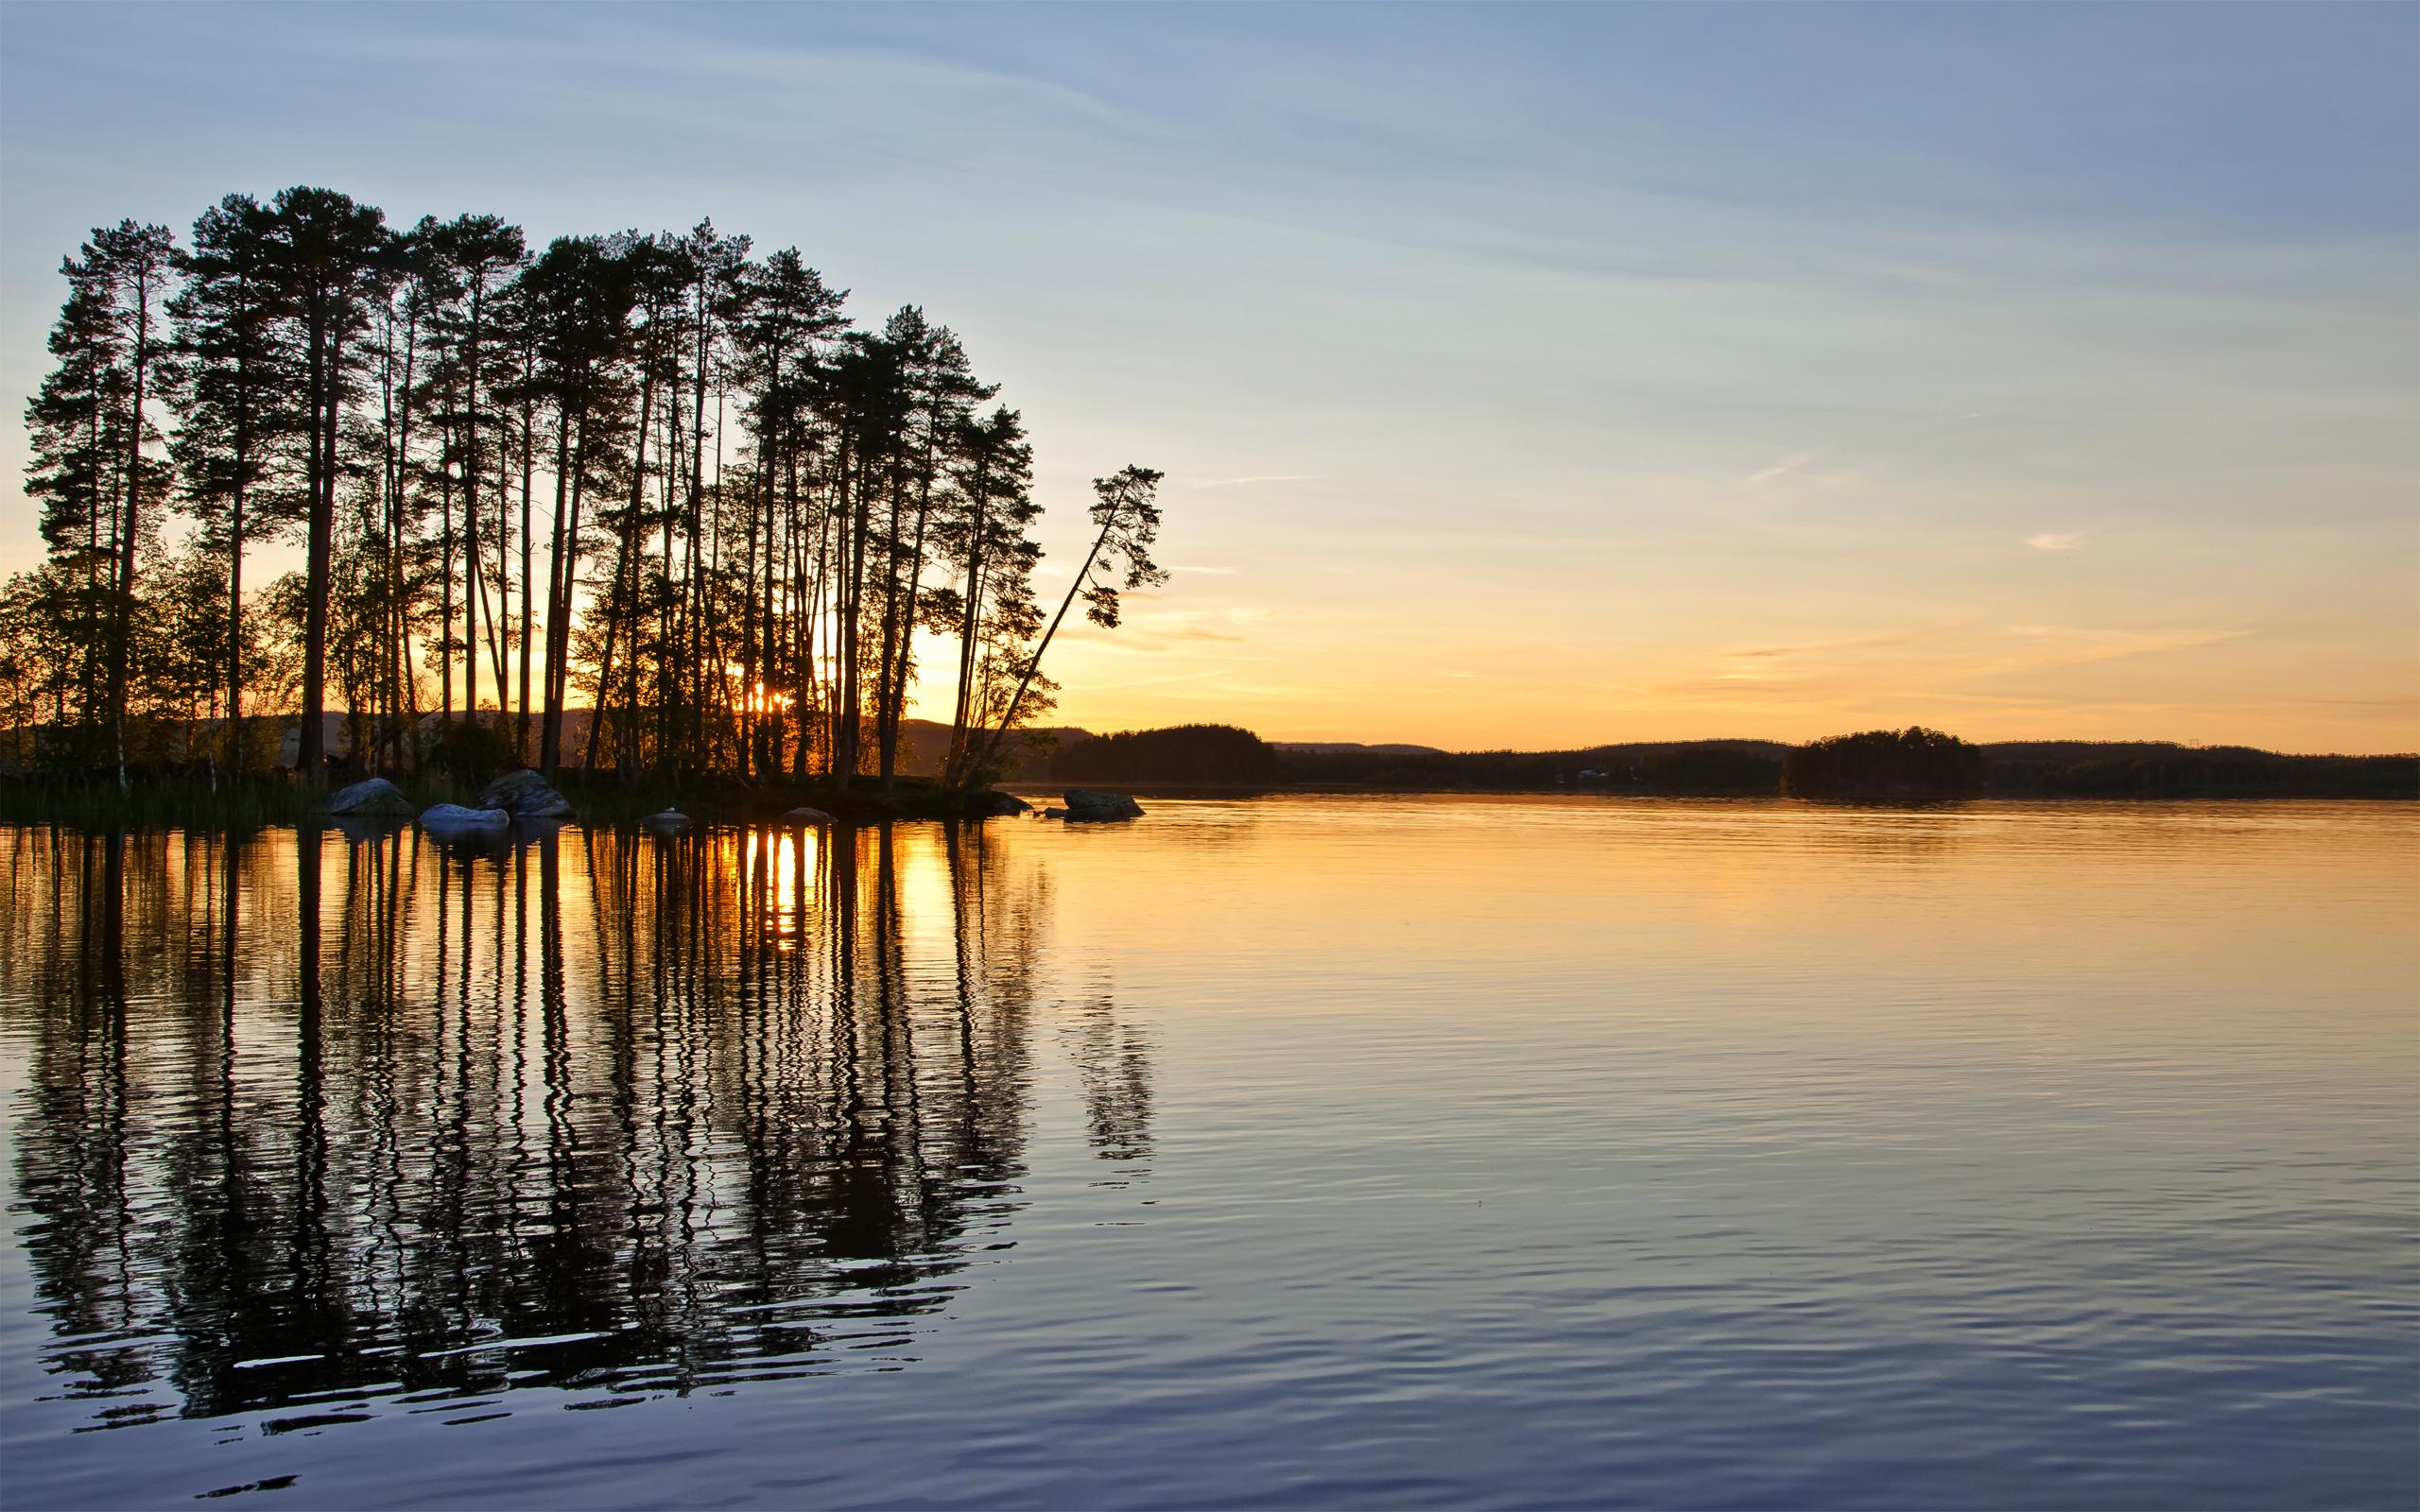 природа река Швеция страны бесплатно